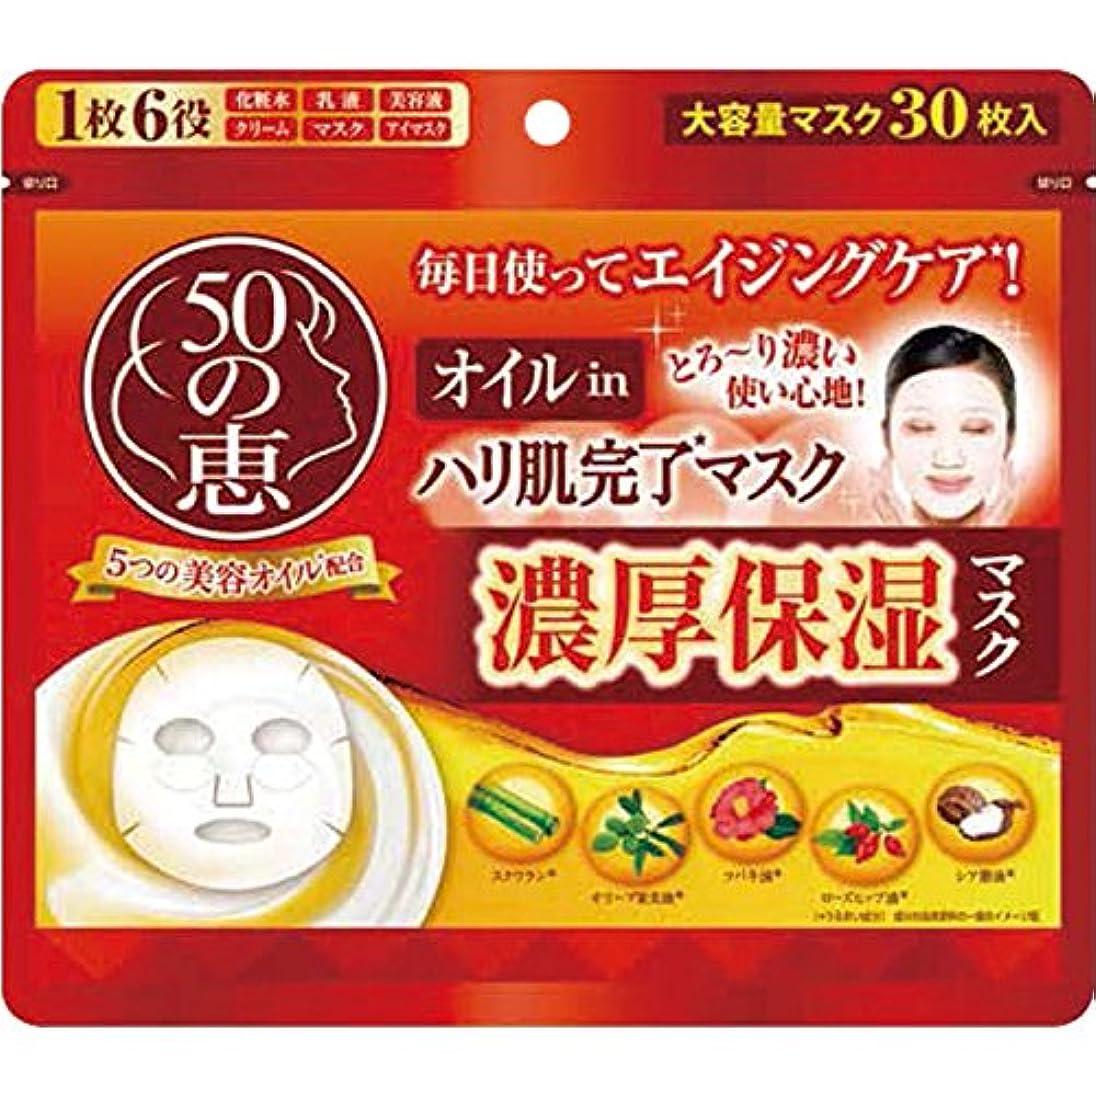 作ります思い出ニックネームロート製薬 50の恵エイジングケア 養潤成分50種類×5つの美容オイル配合 オイルinハリ肌完了 エイジングケアマスク 30枚